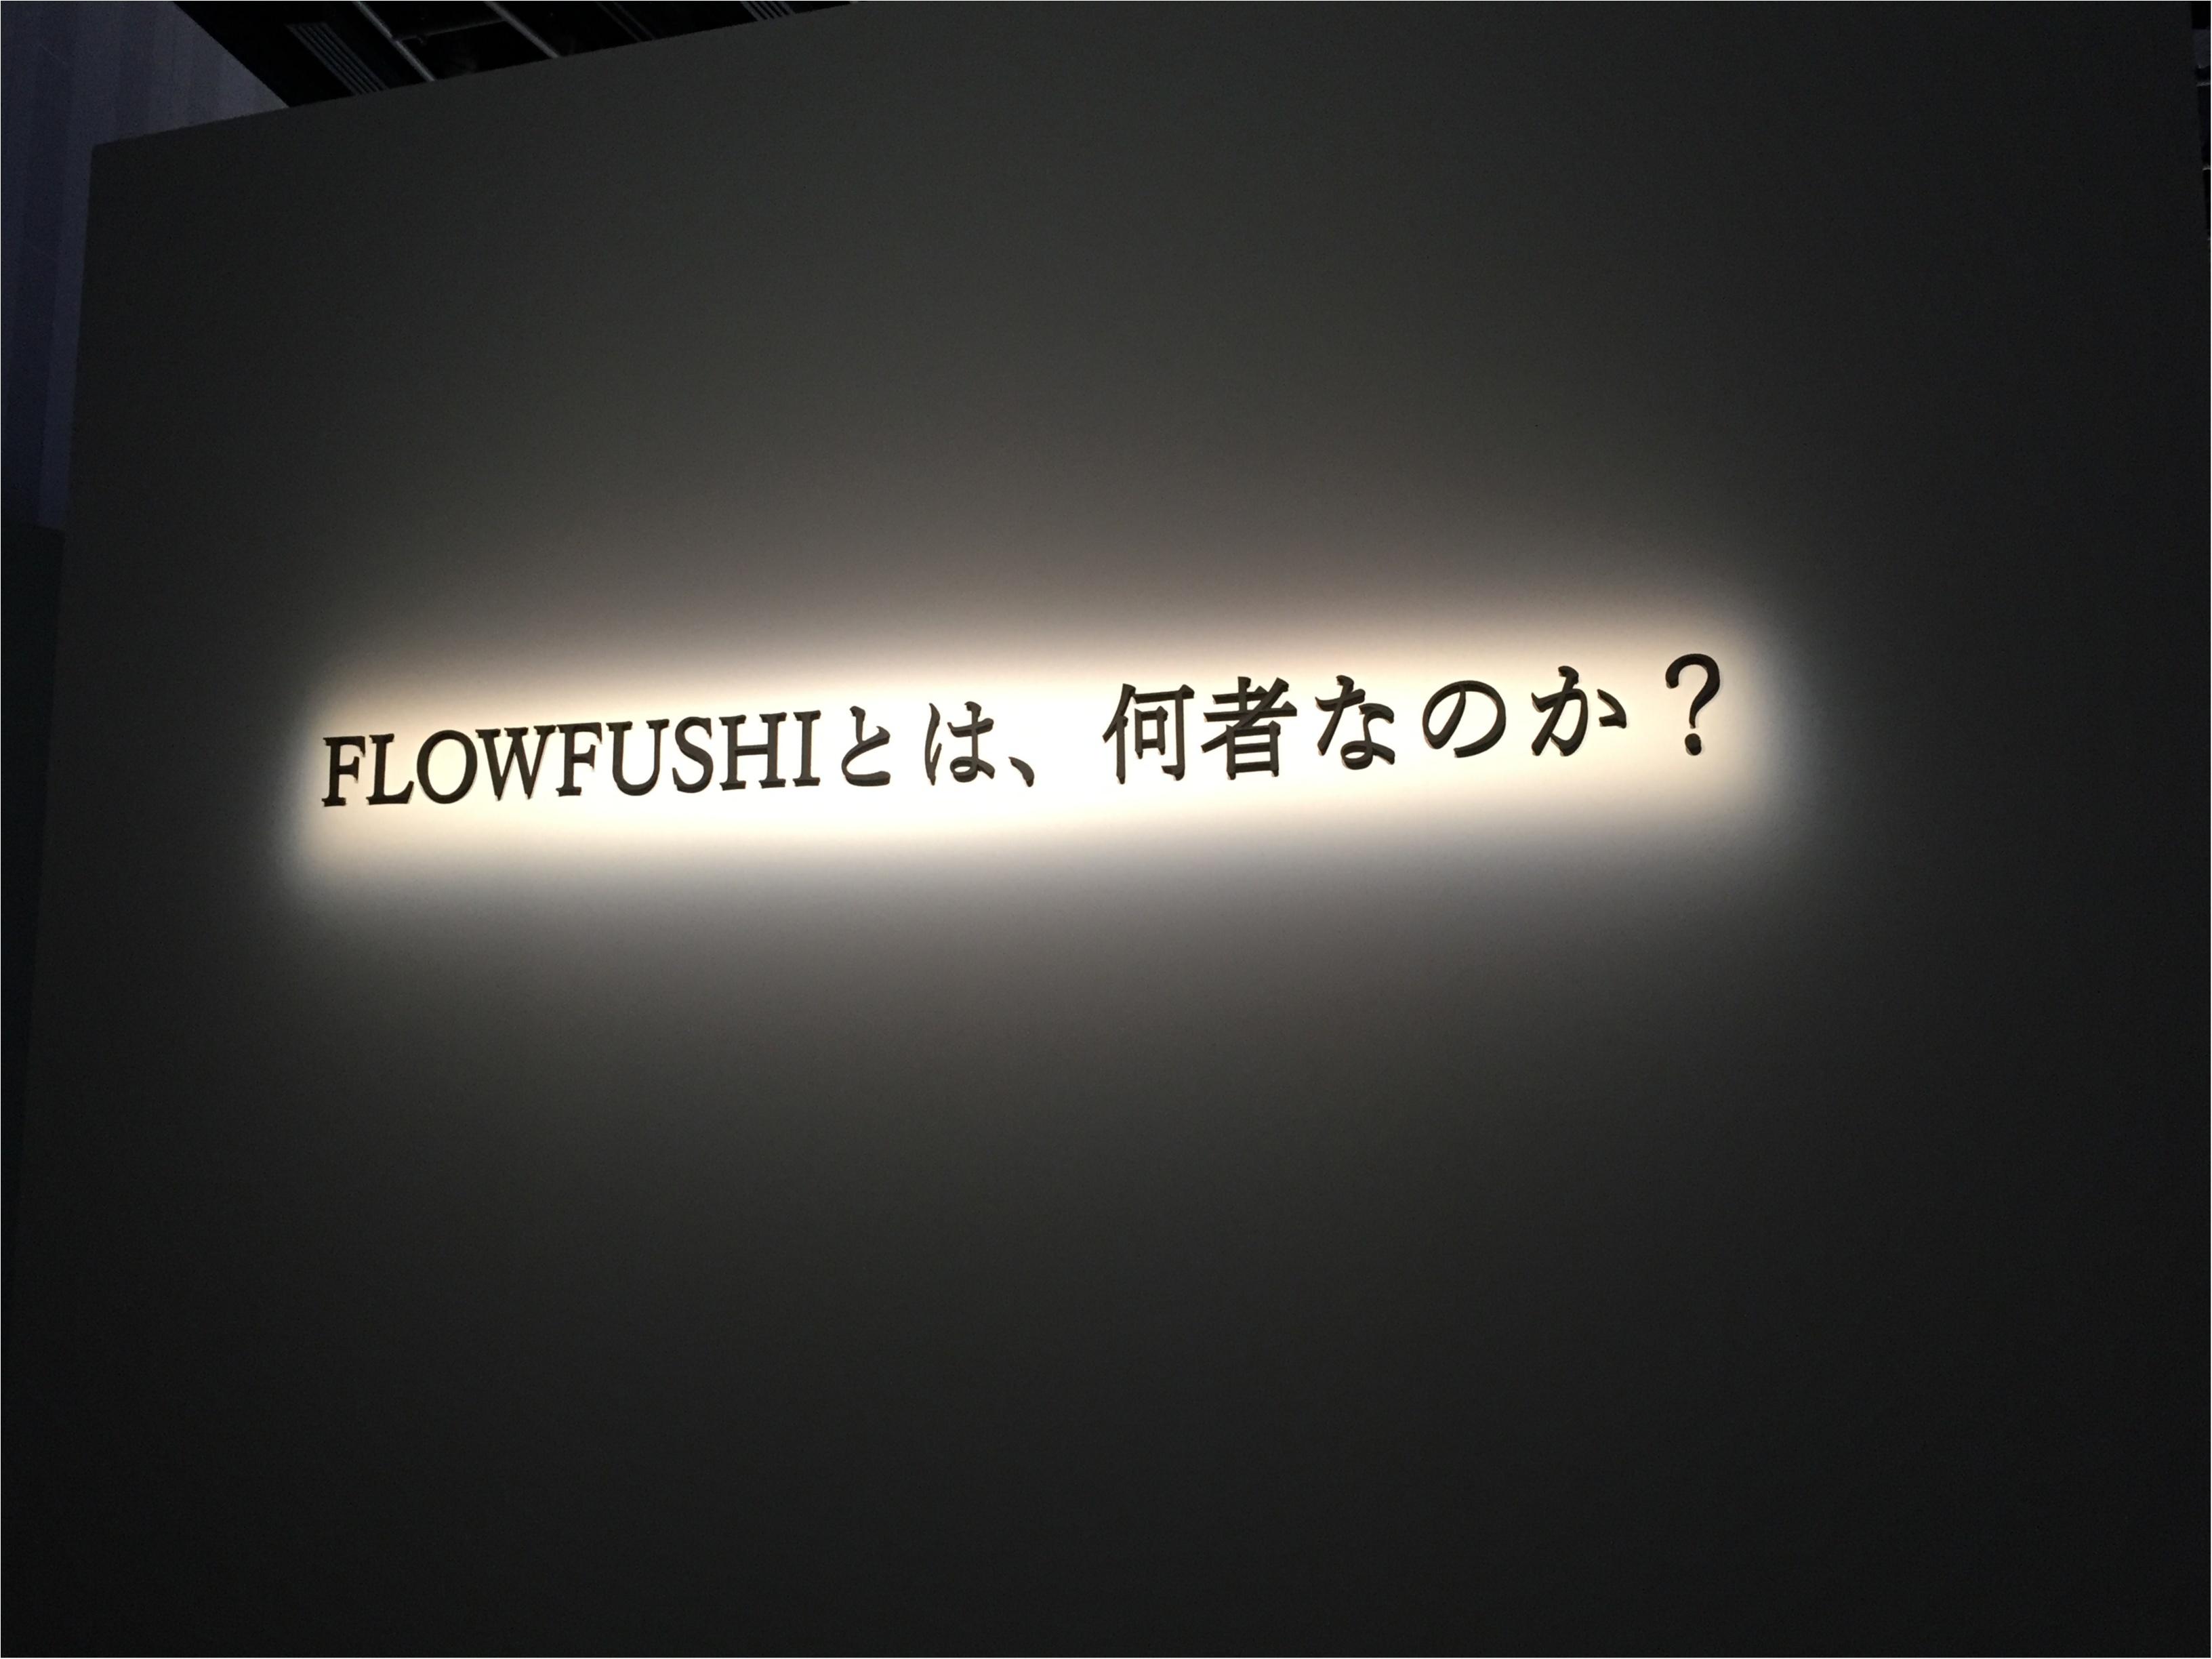 【新発売♥︎♥︎♥︎】フローフシさんの新作発表会へ❁明日7/7発売のリップと9/23発売のマスカラ♛♕♡ _1